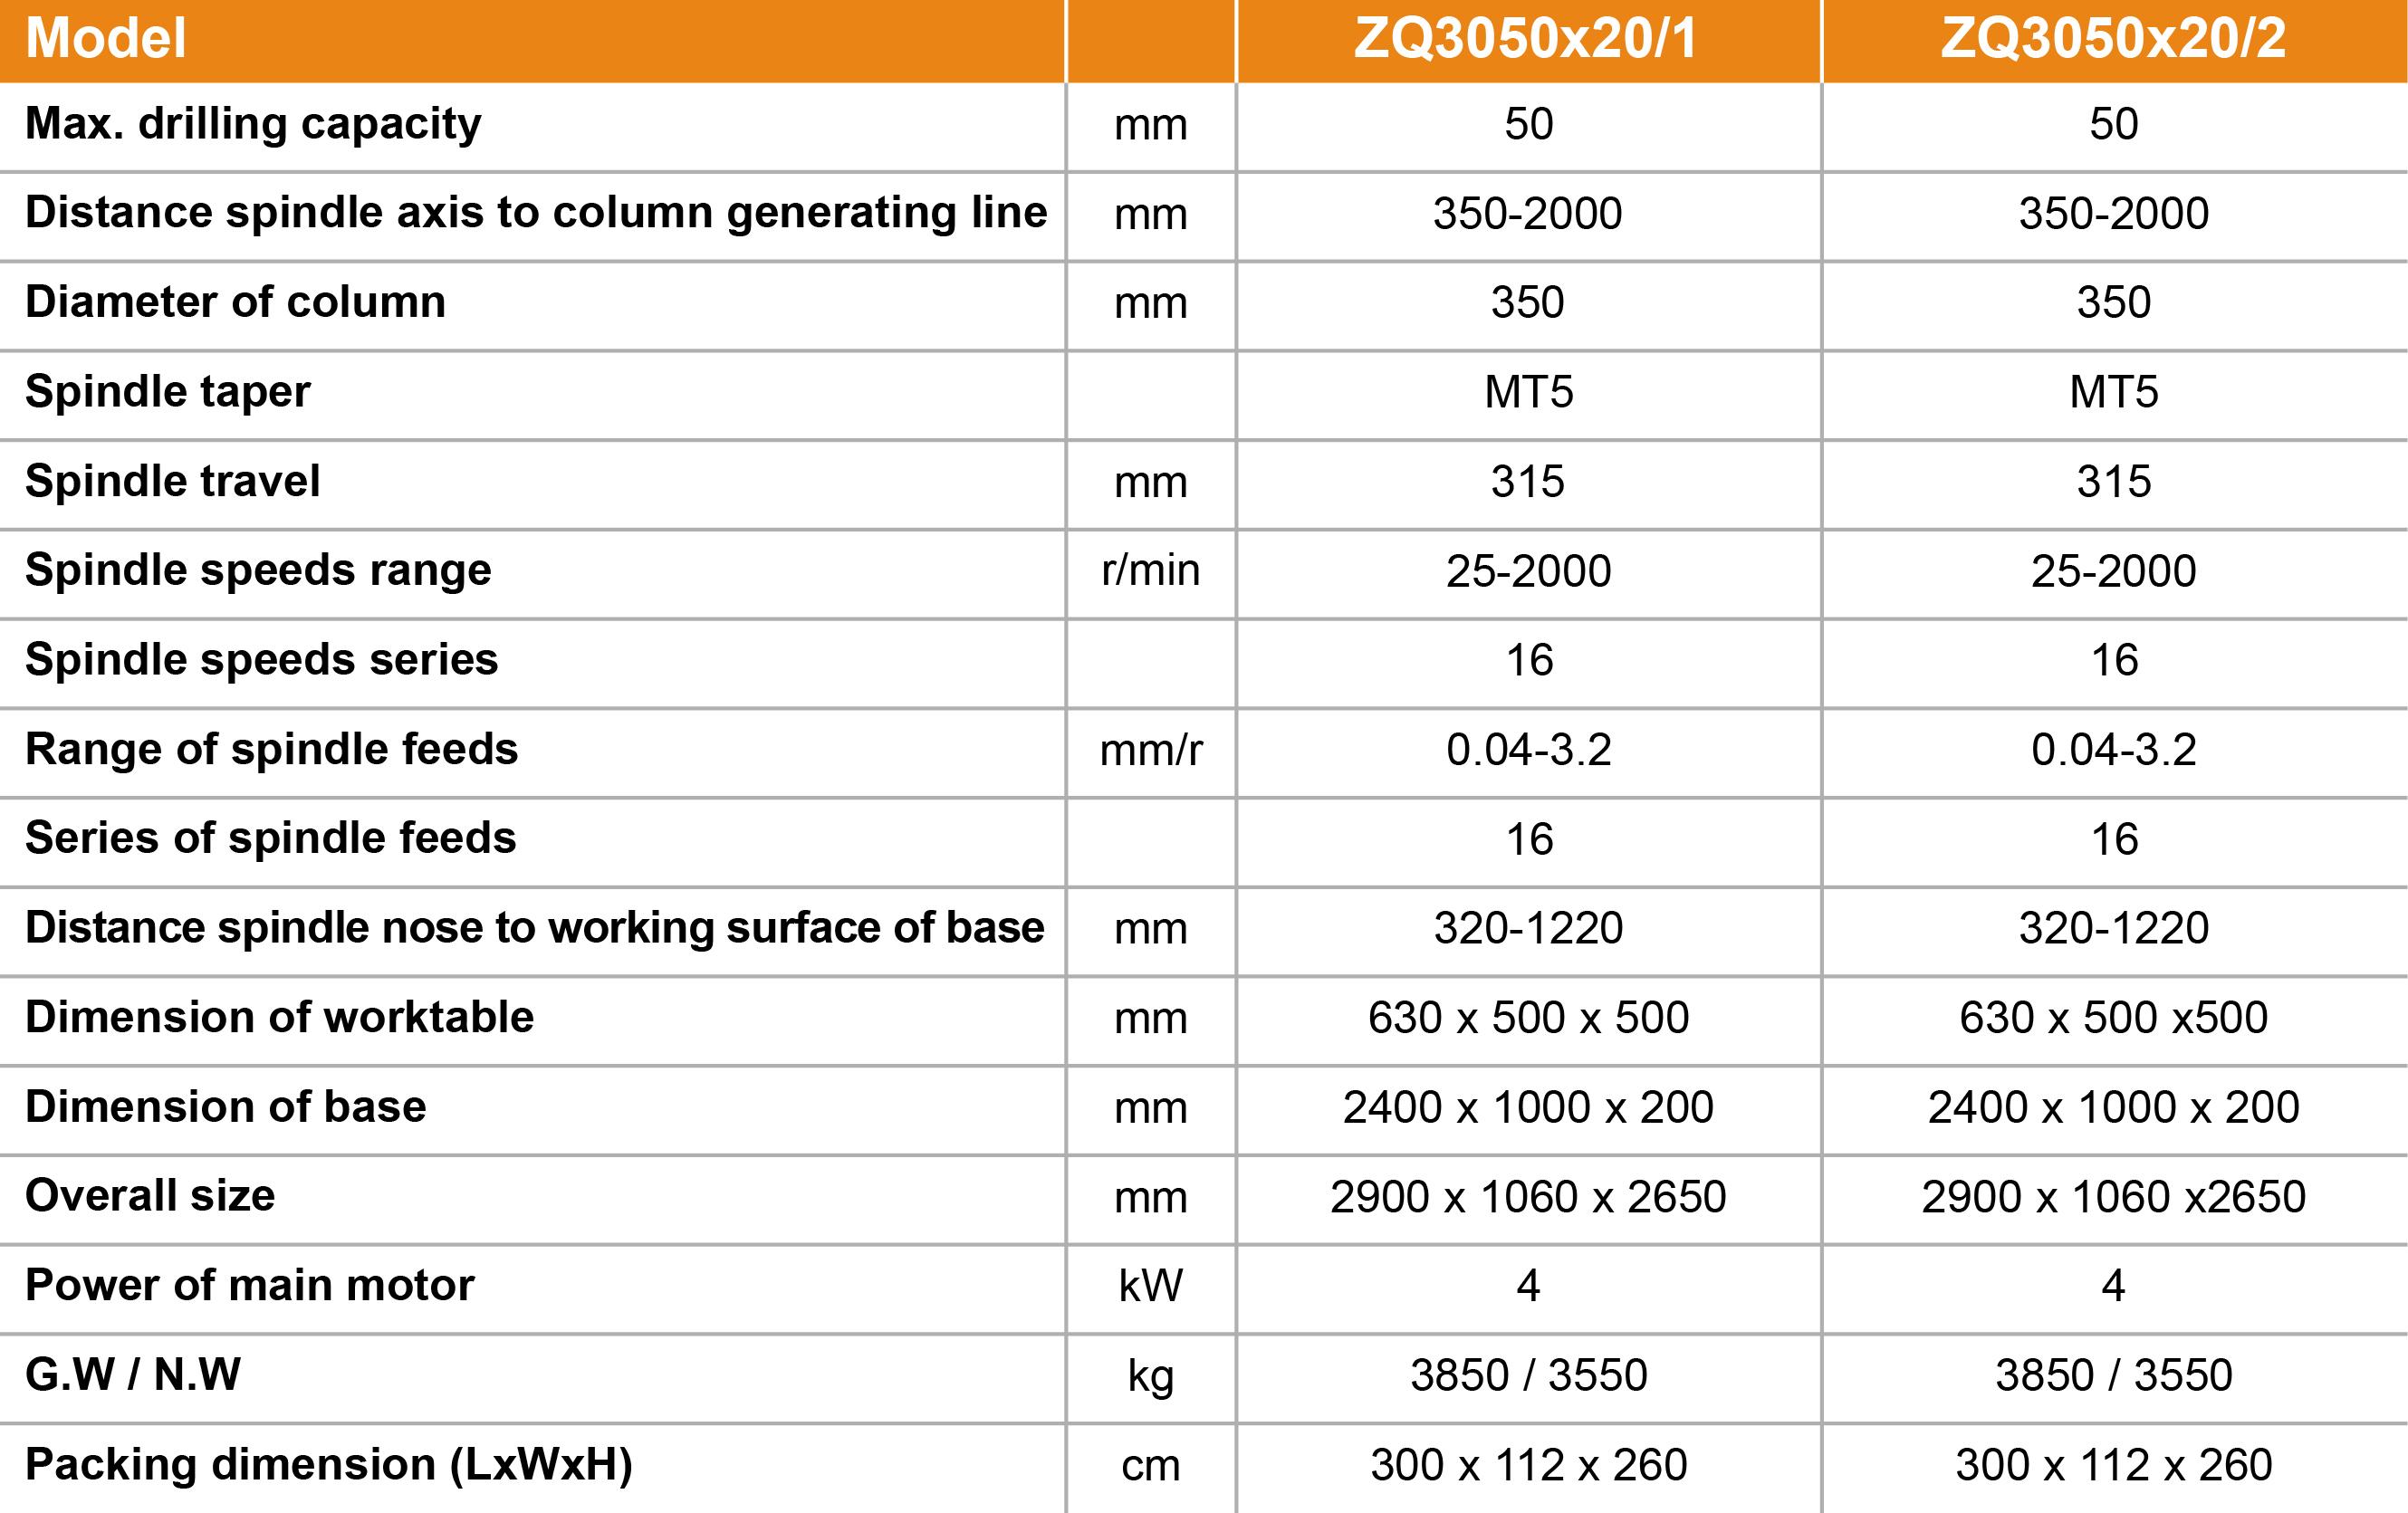 ZQ3050x20/2